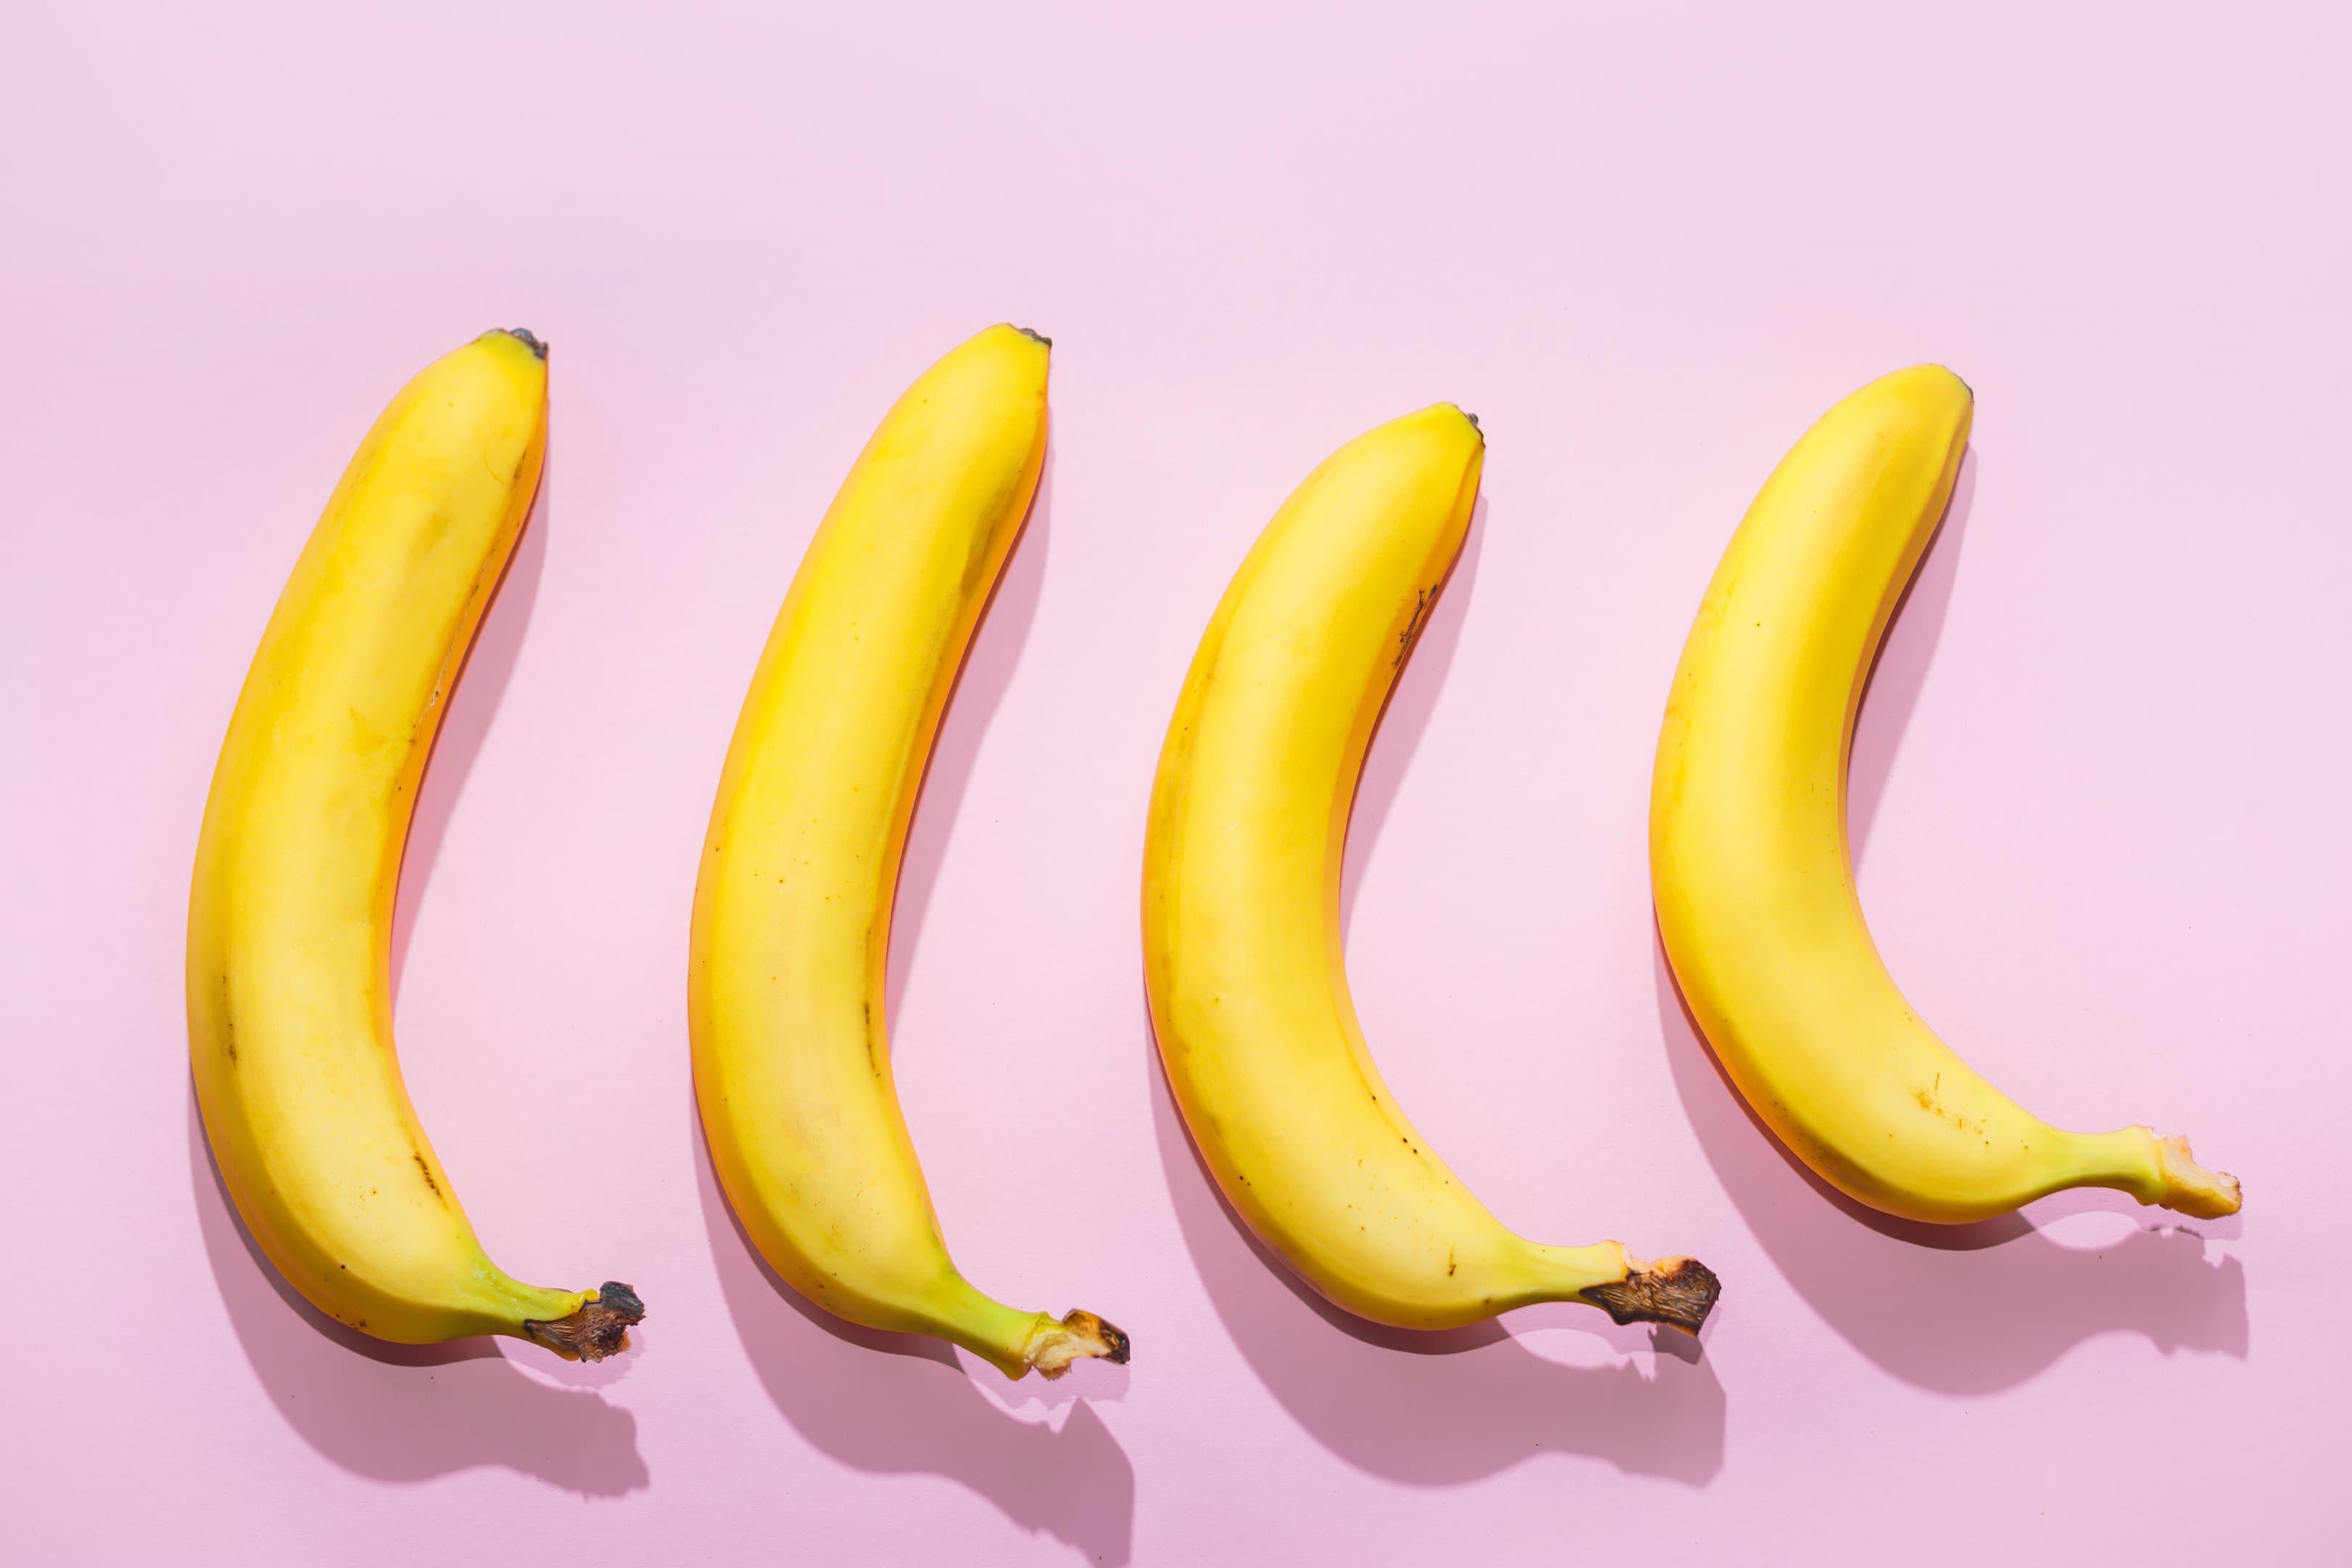 Bananas on pink pastel background